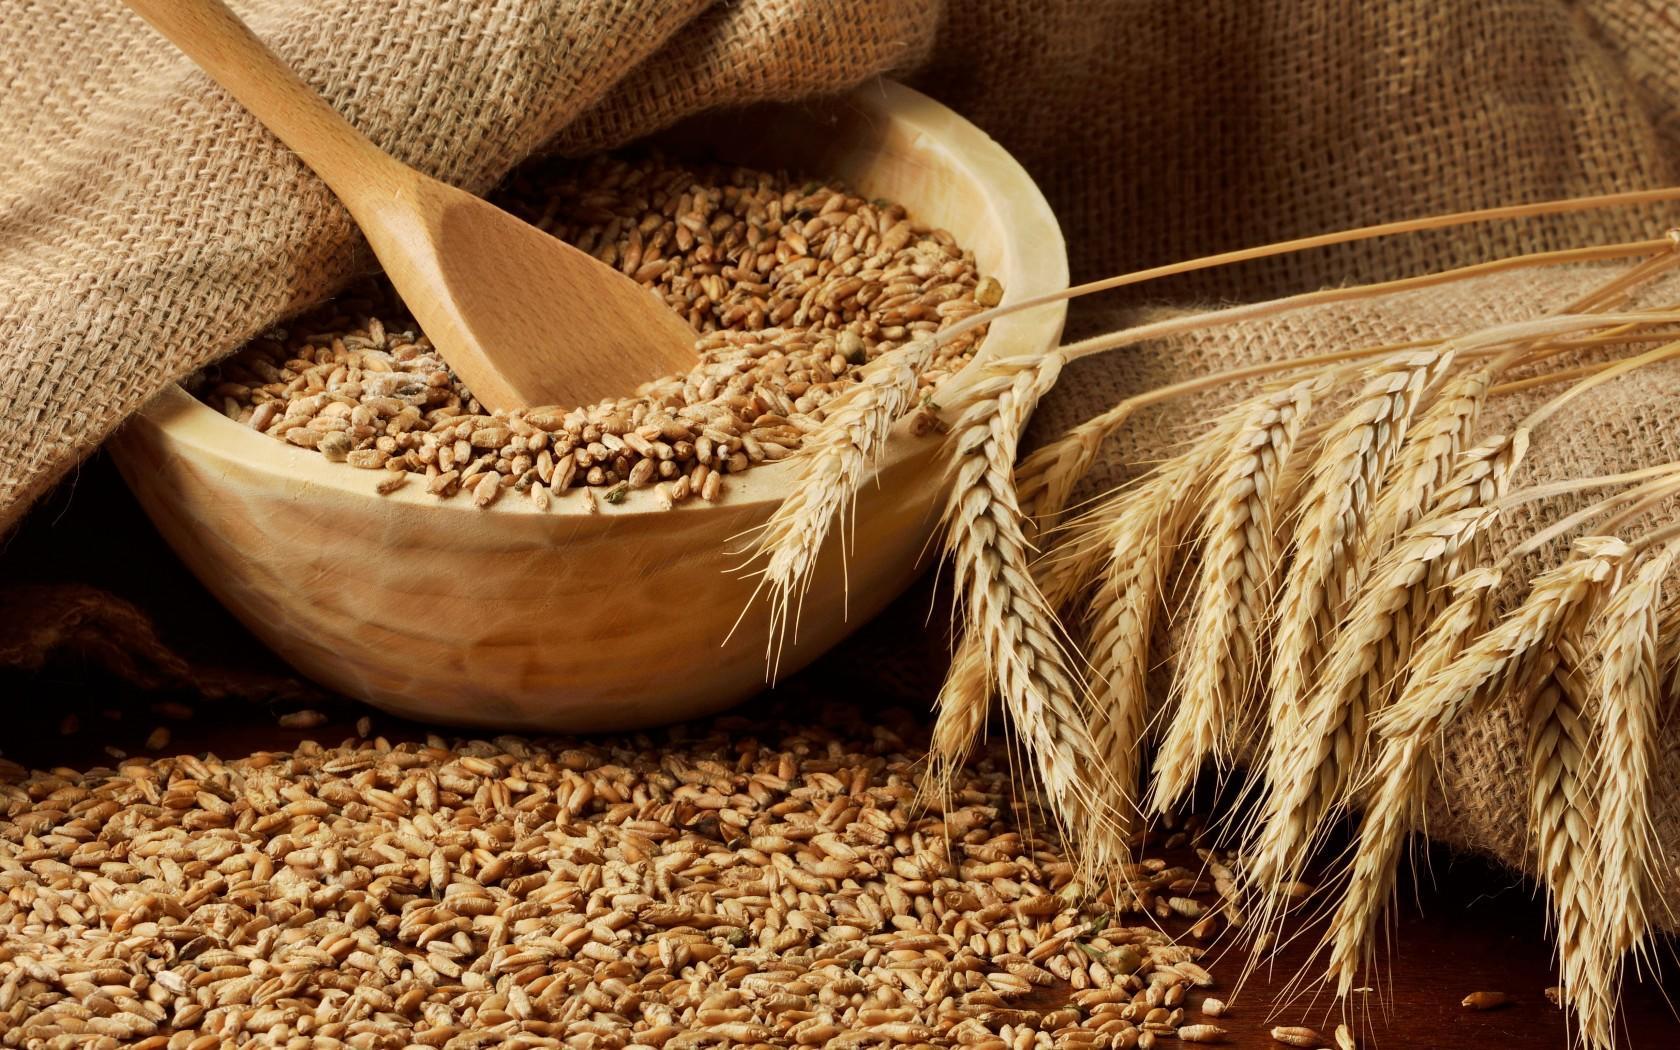 Фига гегемону: в Сирии создадут крупнейший хаб по экспорту российского зерна